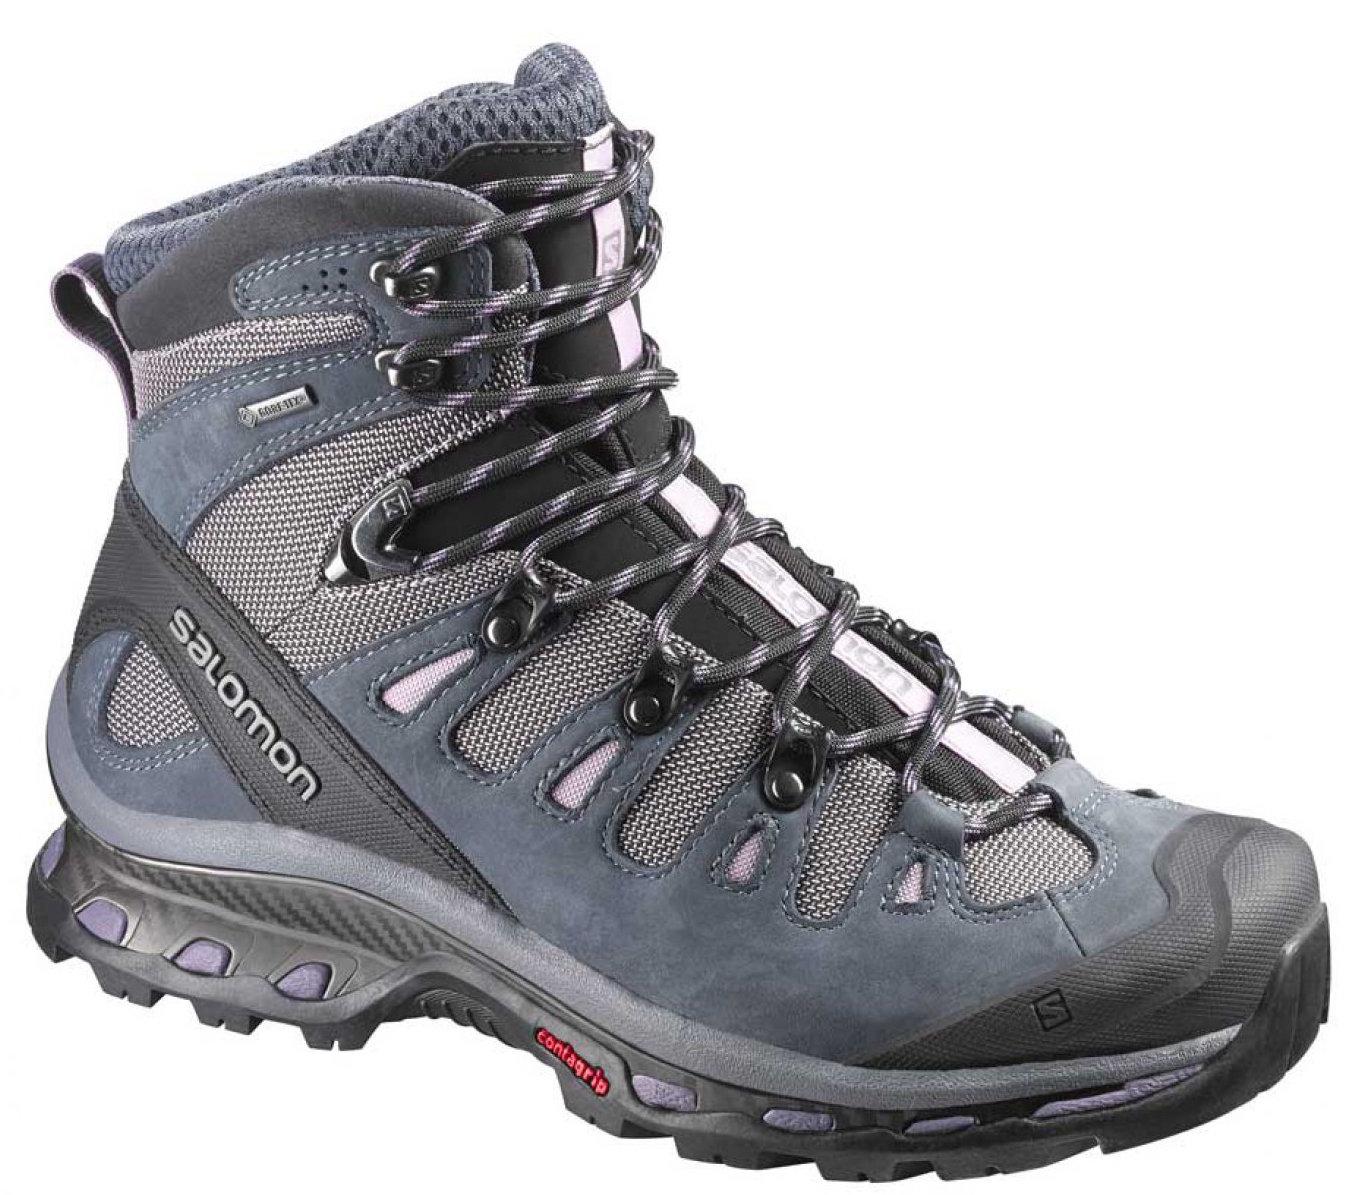 ddba426ef61 Chaussures de randonnée   8 astuces pour bien les choisir